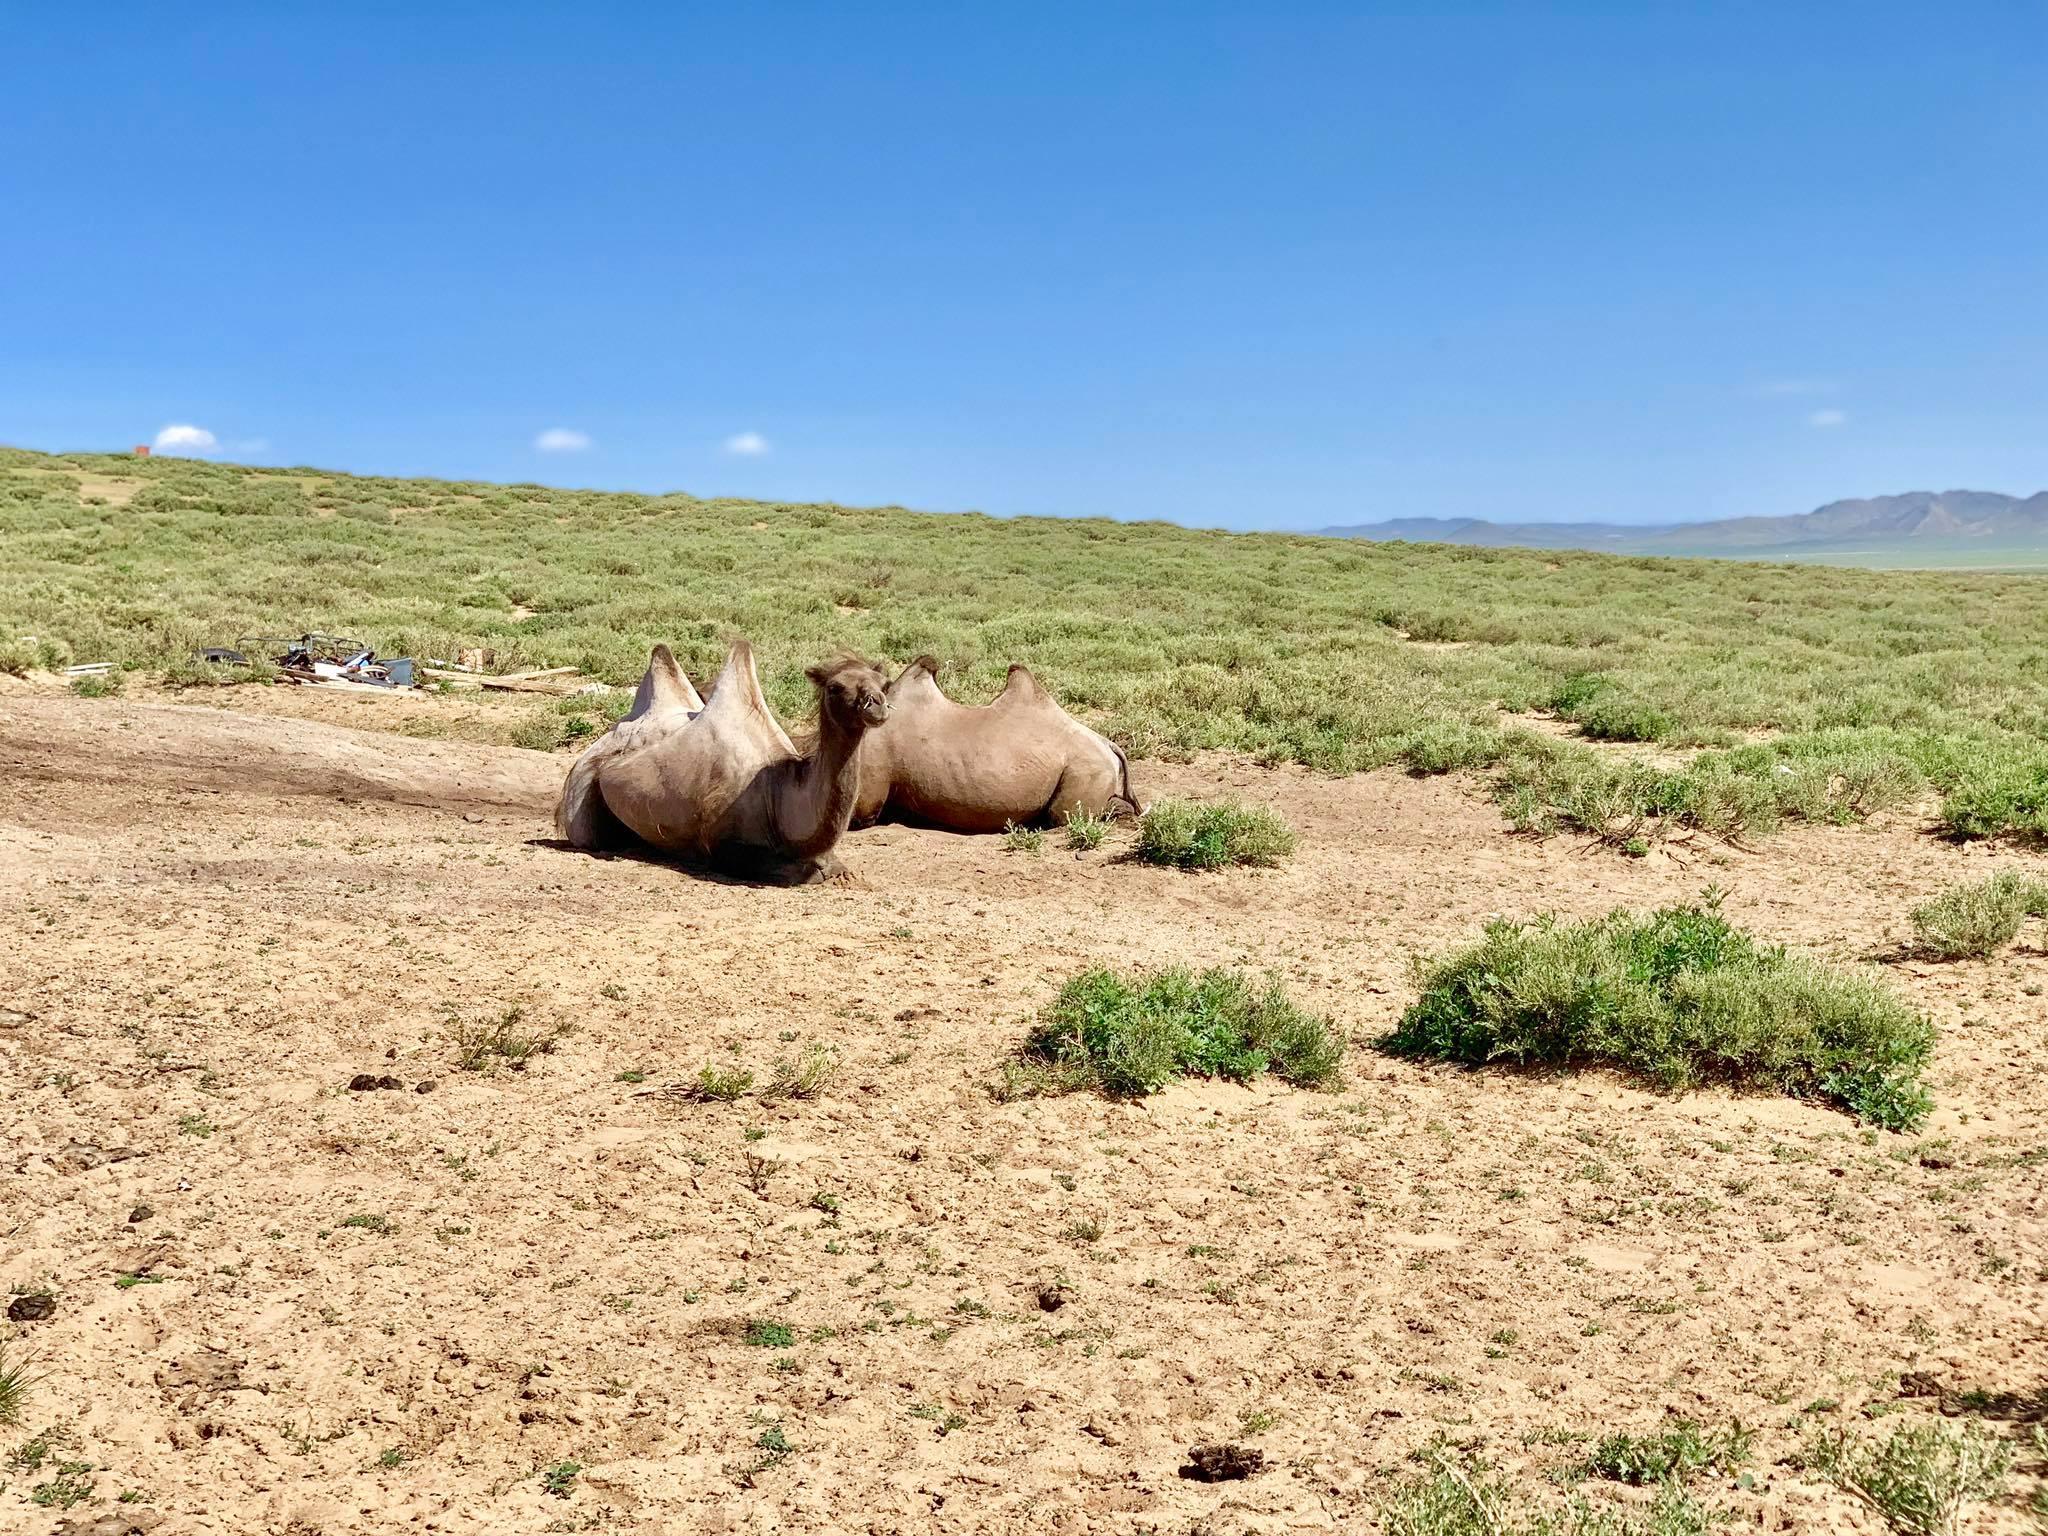 Kach Solo Travels in 2019 Nomadic family in Elsen Tasarkhai14.jpg